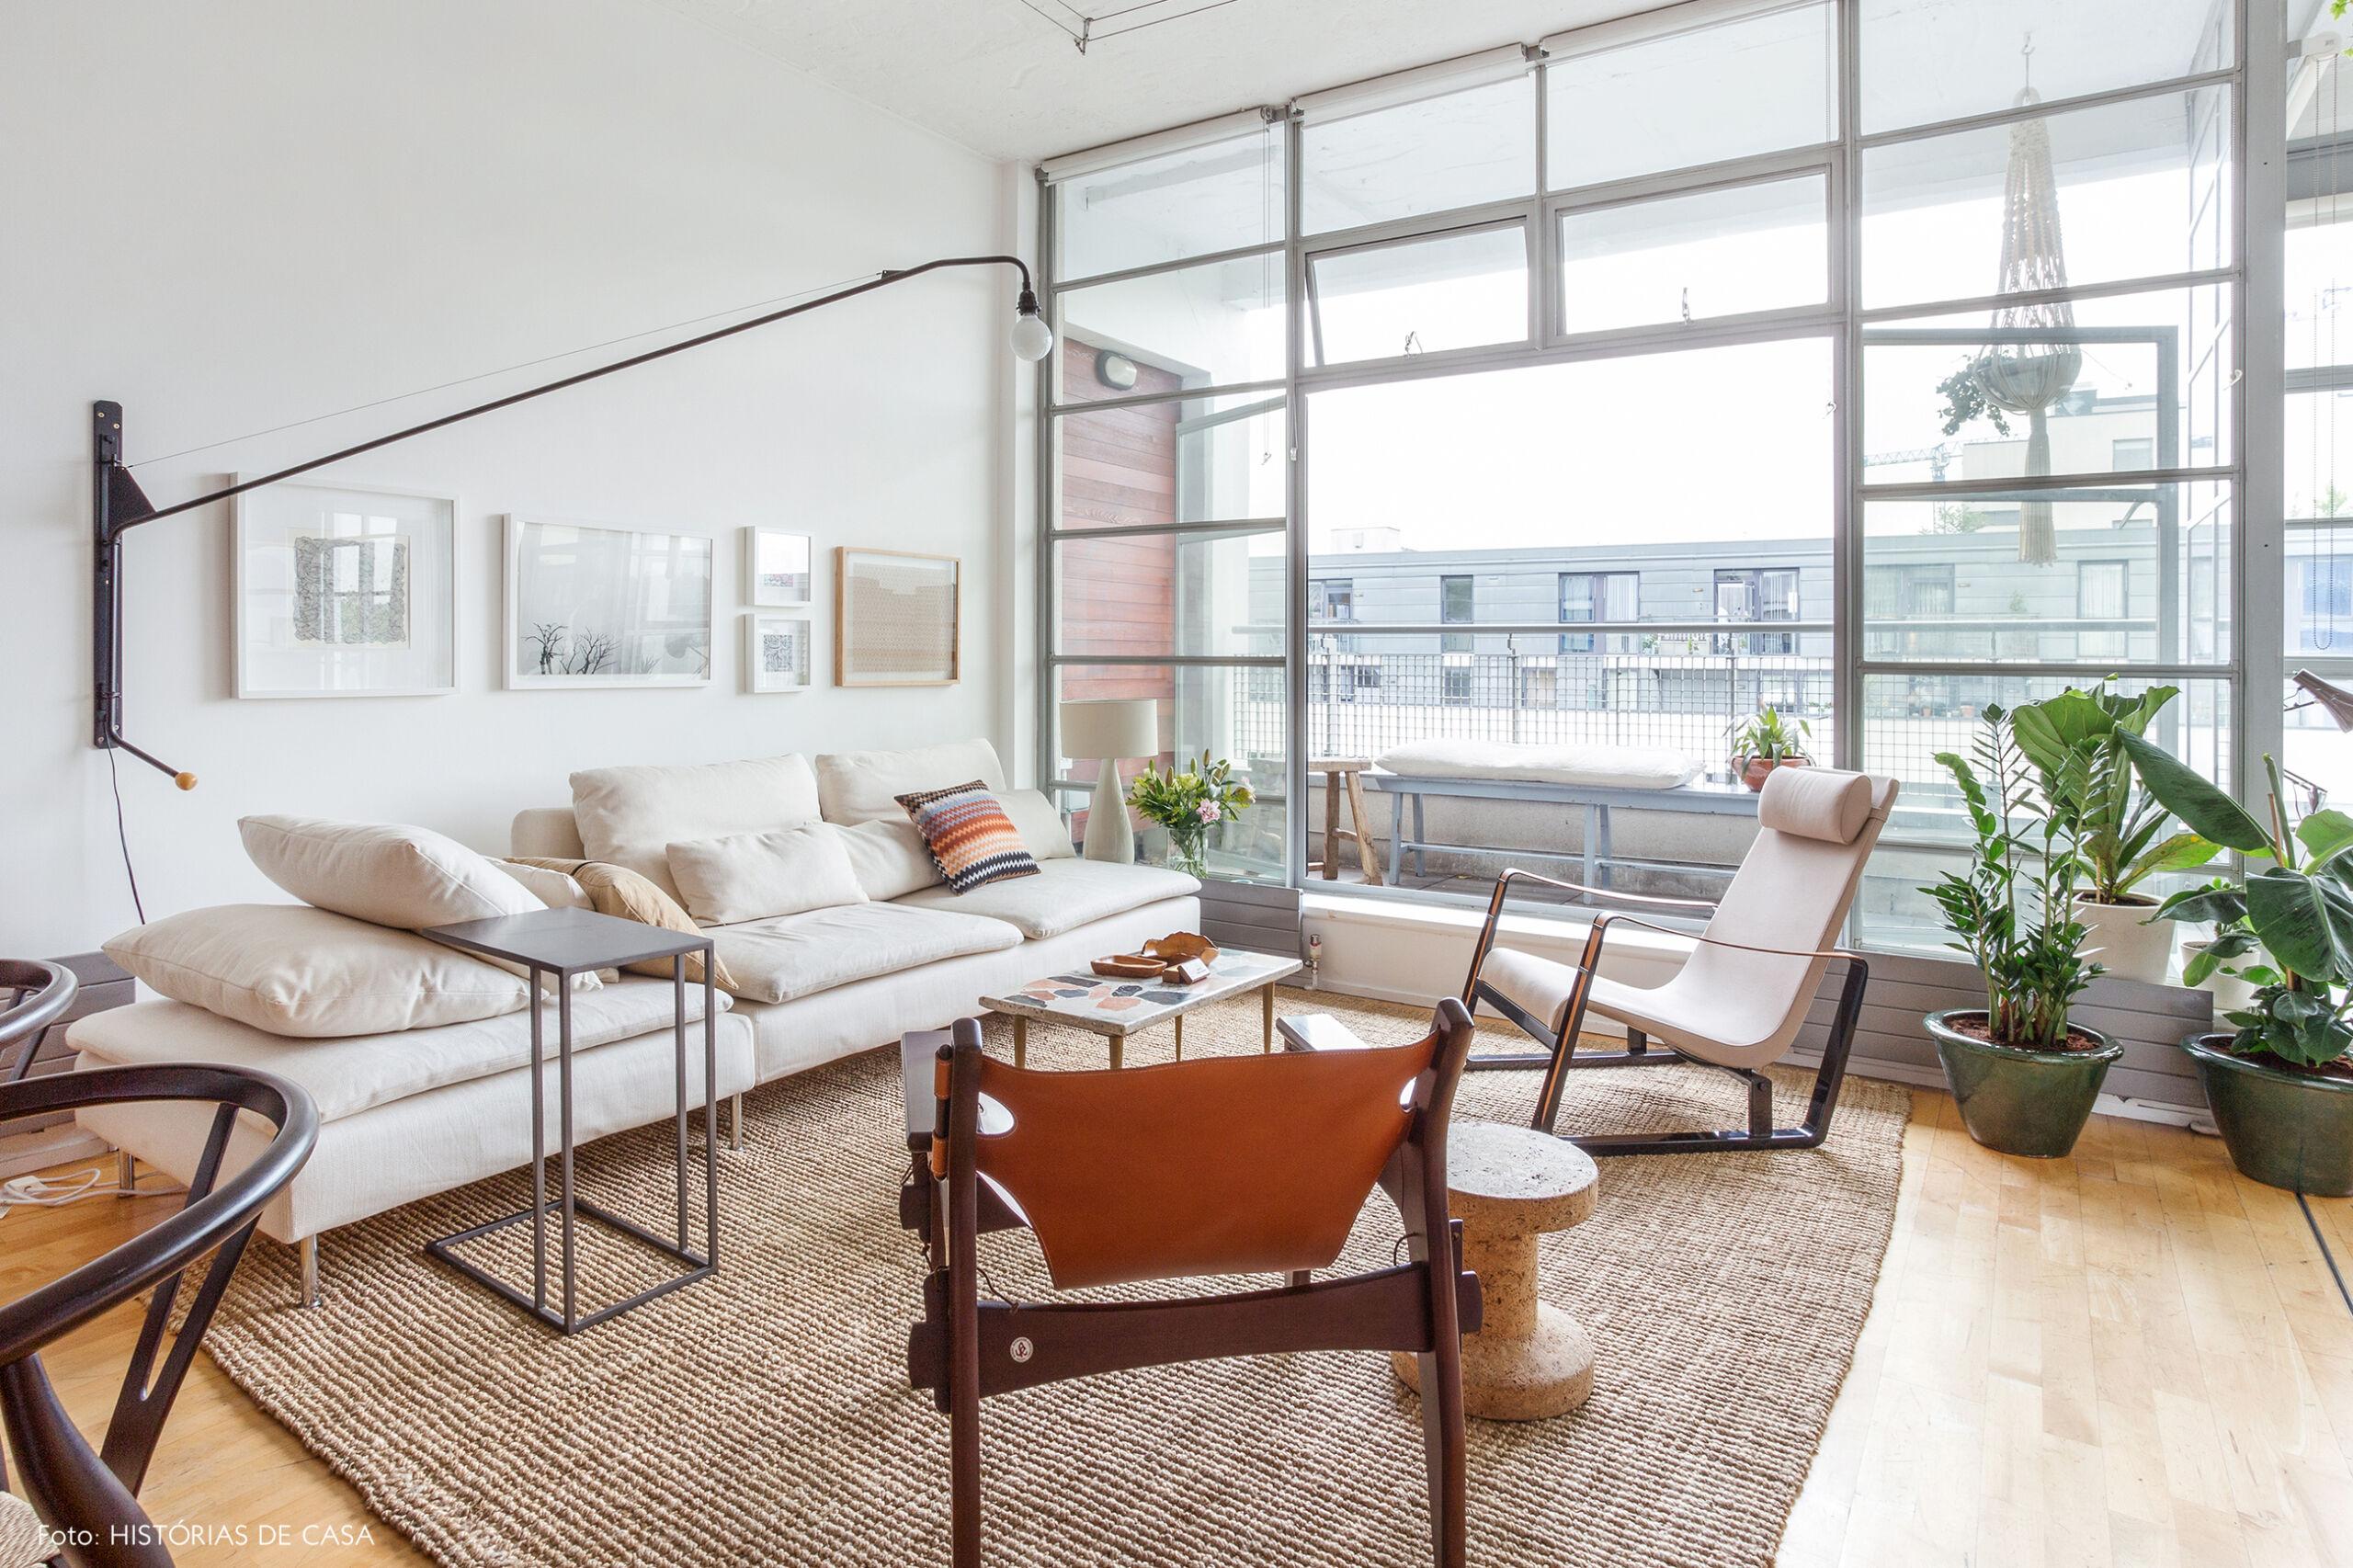 Apartamento com sala integrada e varanda envidraçada, London apartment with contemporary design